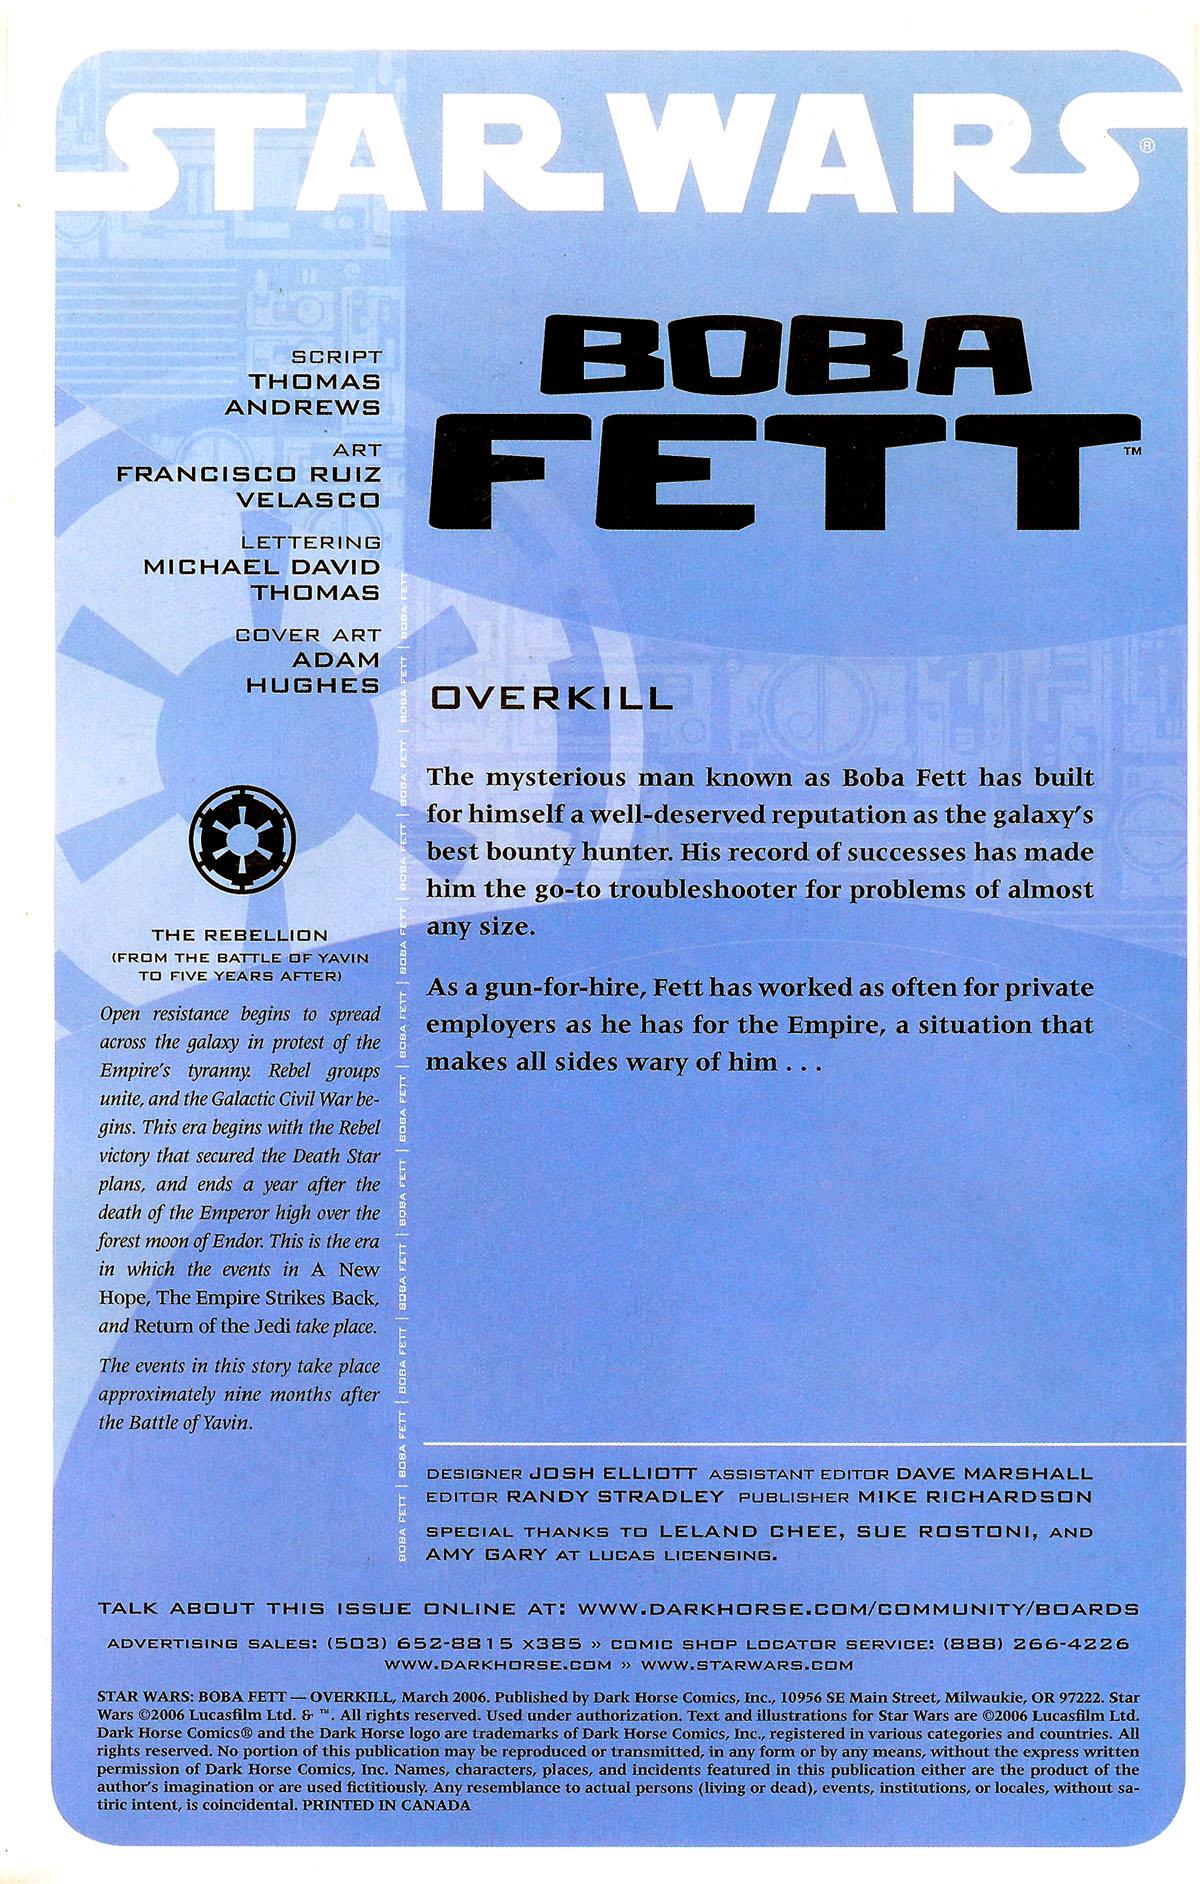 Star Wars: Boba Fett - Overkill Full Page 2